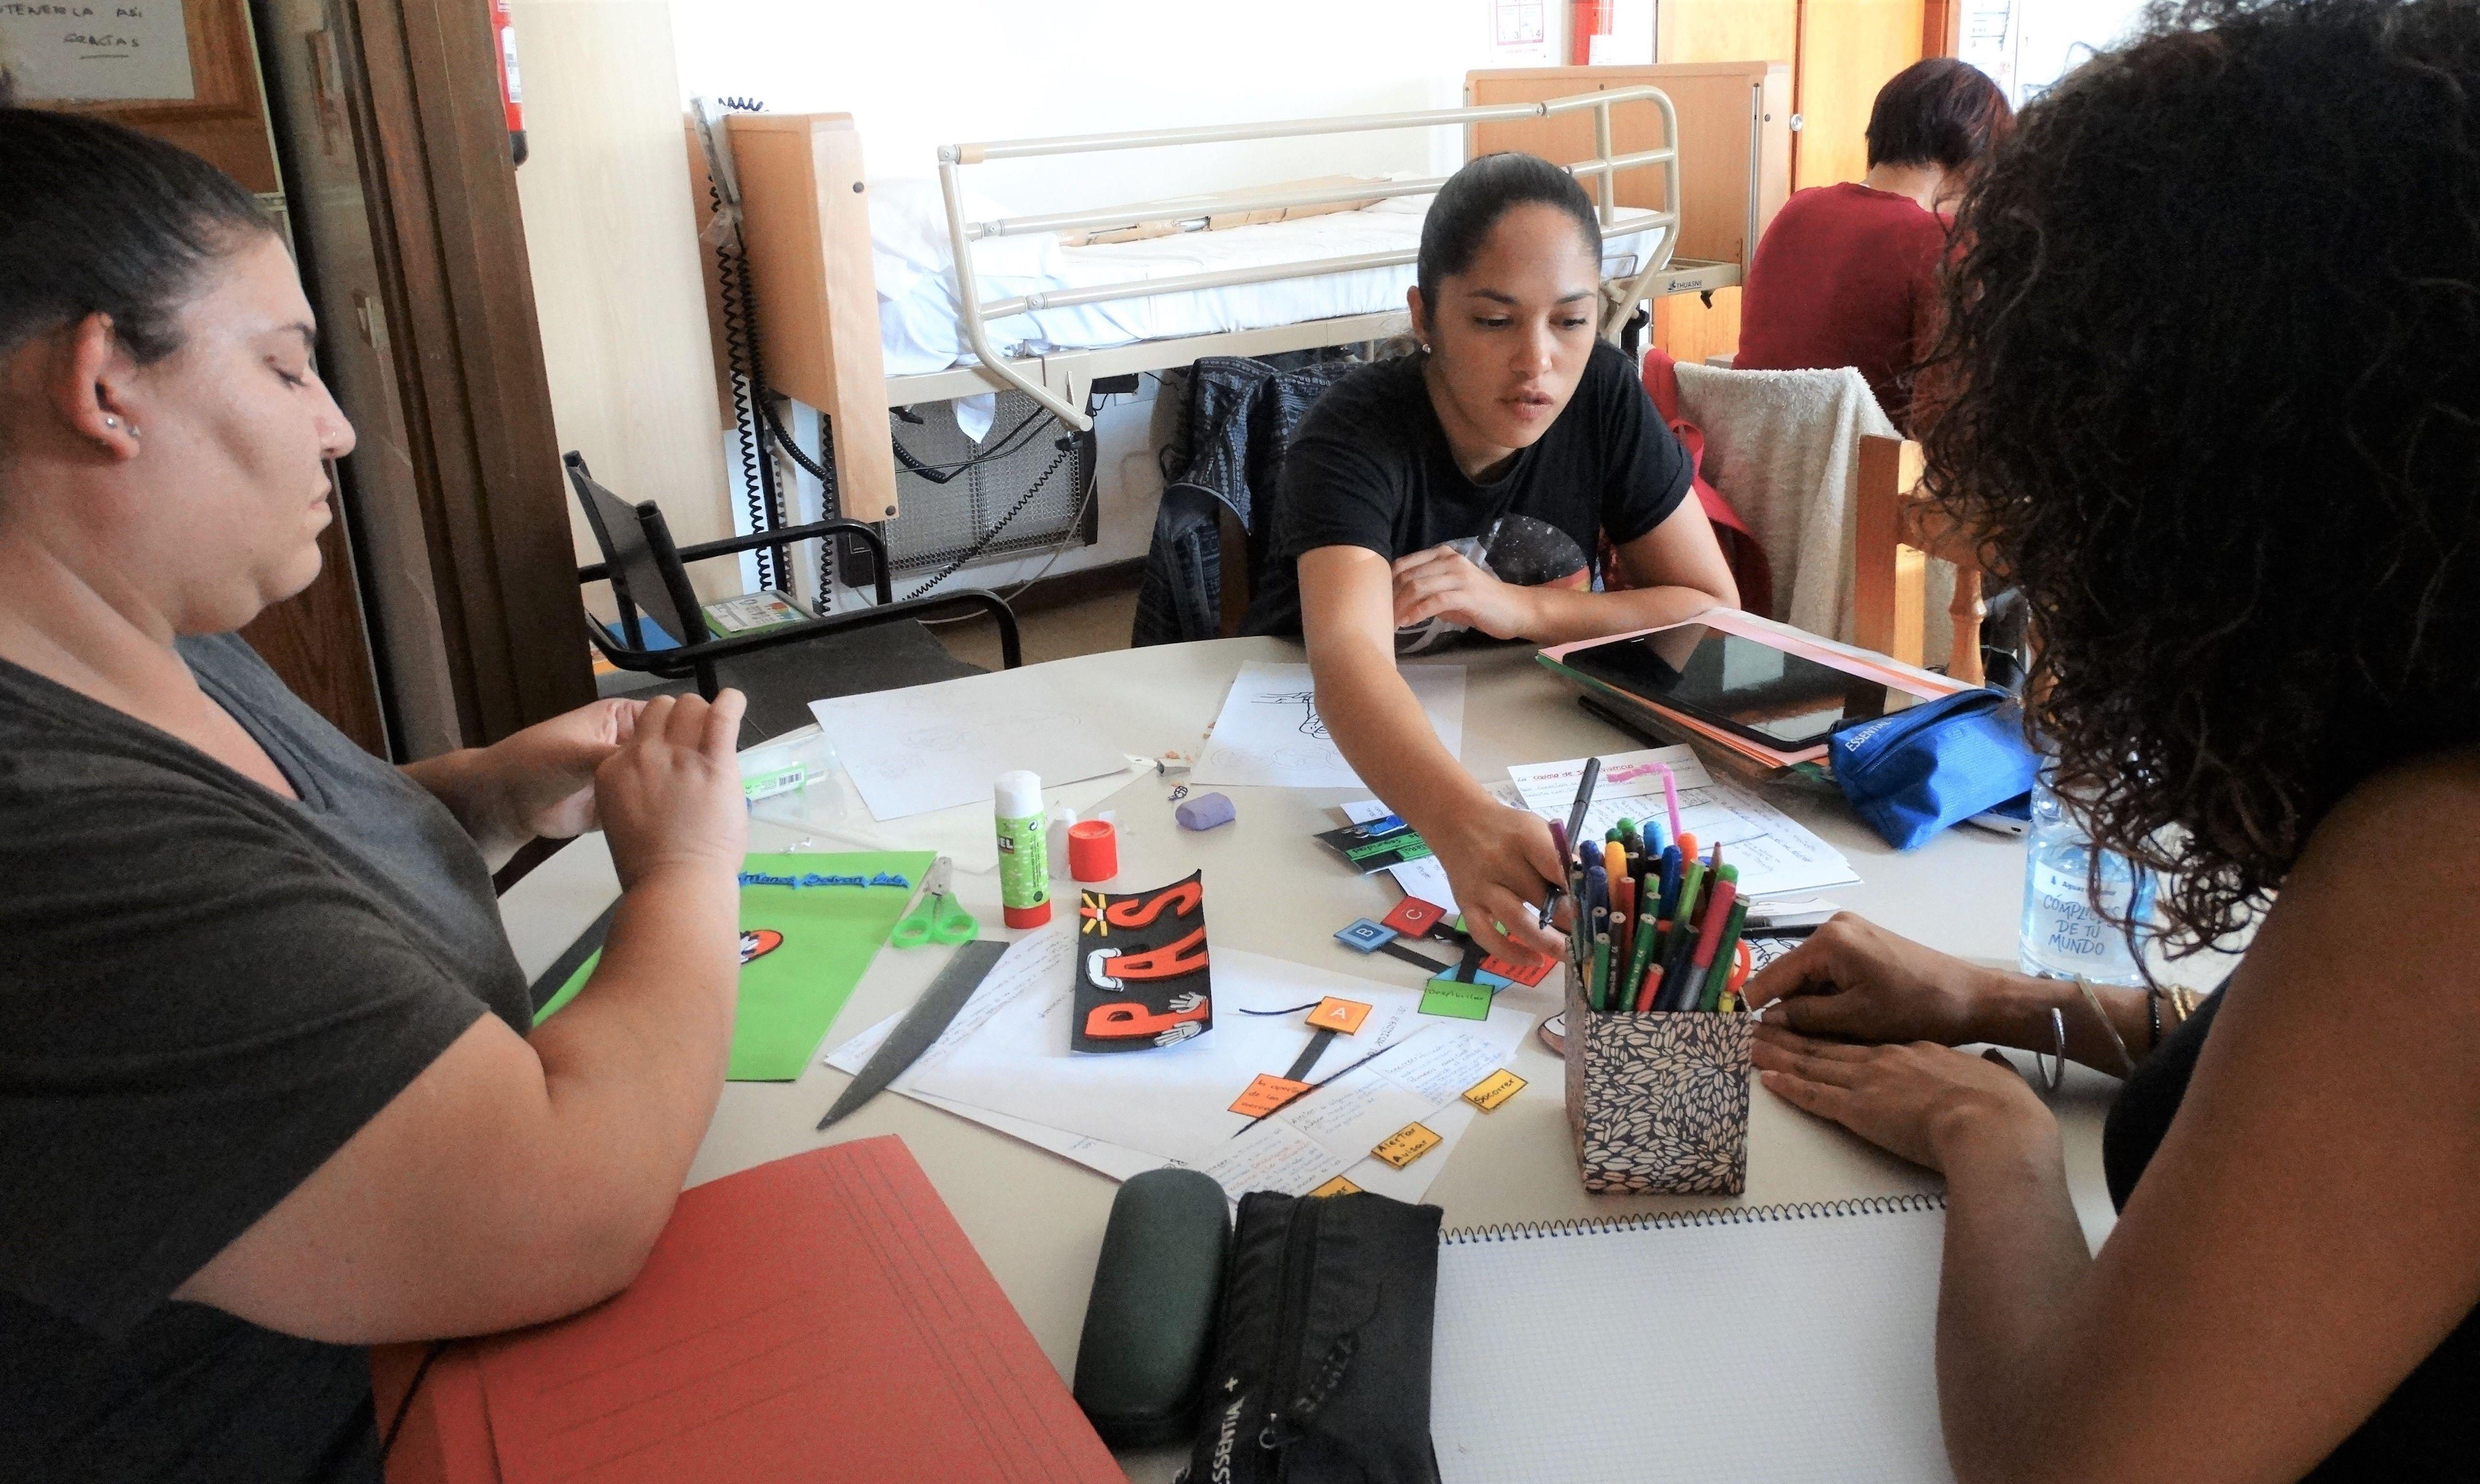 Foto 6 de Asociación sin ánimo de lucro especializada en la promoción de Igualdad de Oportunidades en Santa Cruz de Tenerife | Asociación Domitila